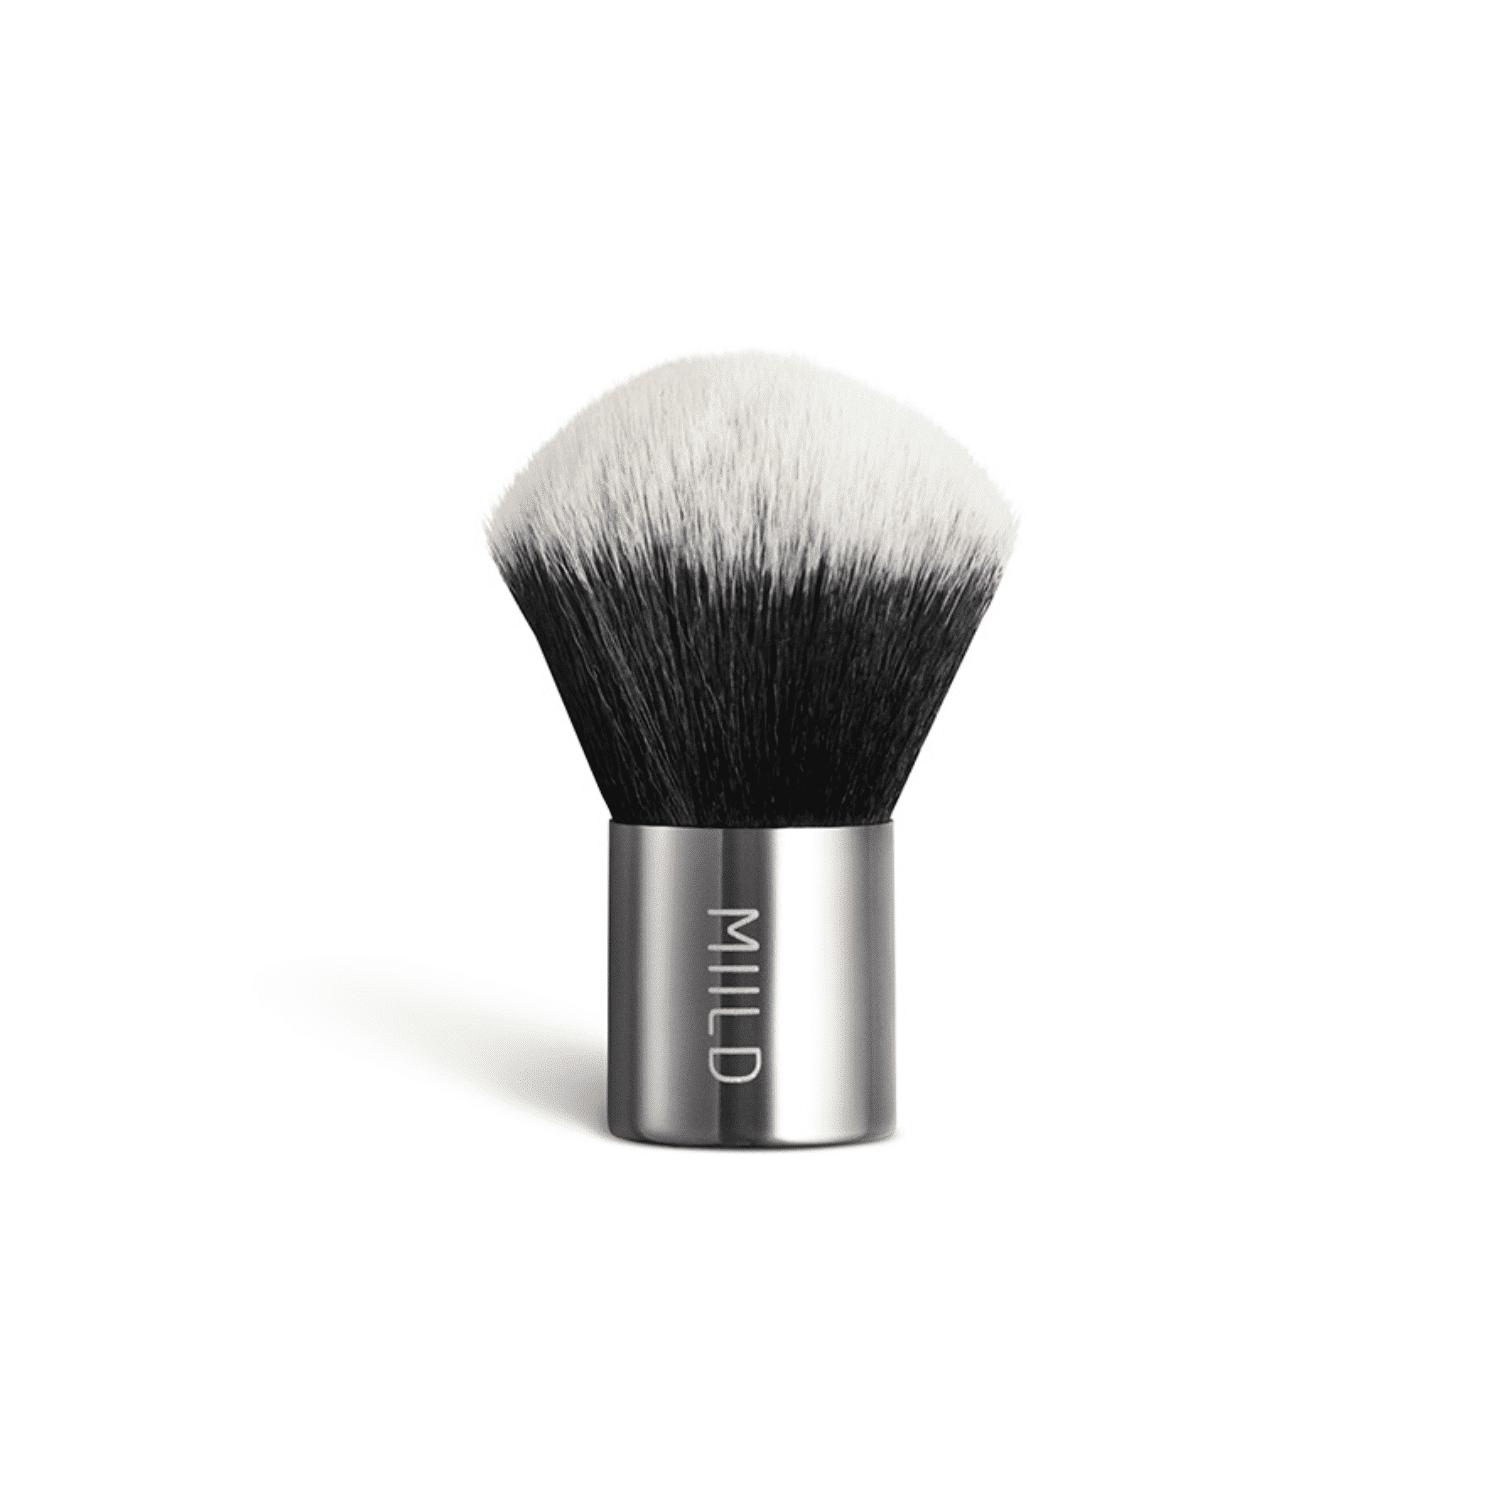 Vegansk Kabuki Brush